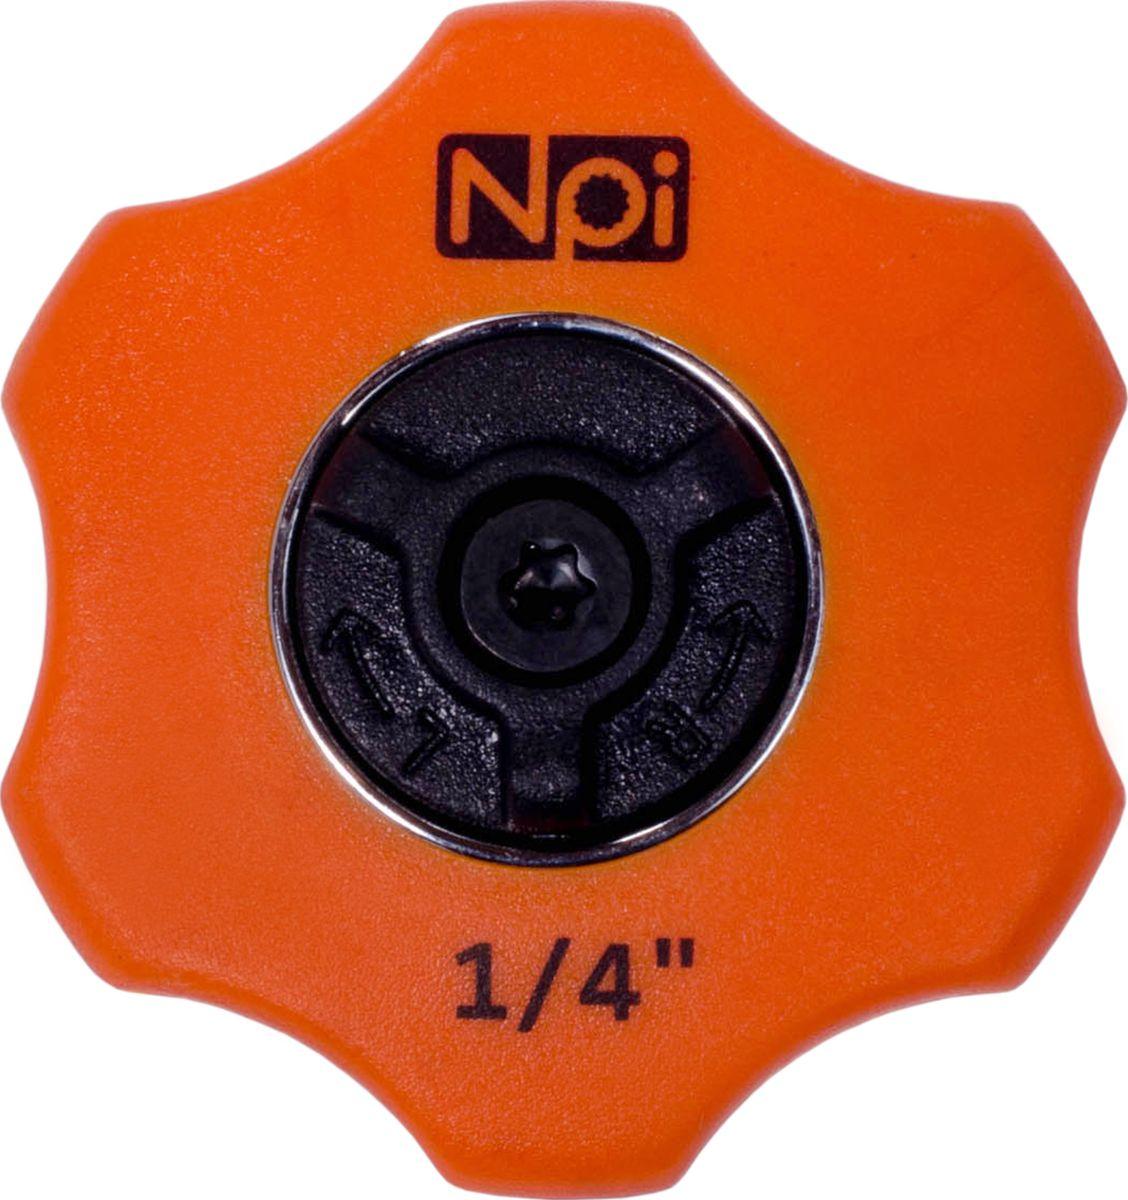 Трещотка-мини NPI, 1/4, 72 зуба20515Мини-трещотка. Размер 1/4. Имеет 72 зуба. Встроенный переключатель вращения. Прочное композитное покрытие.